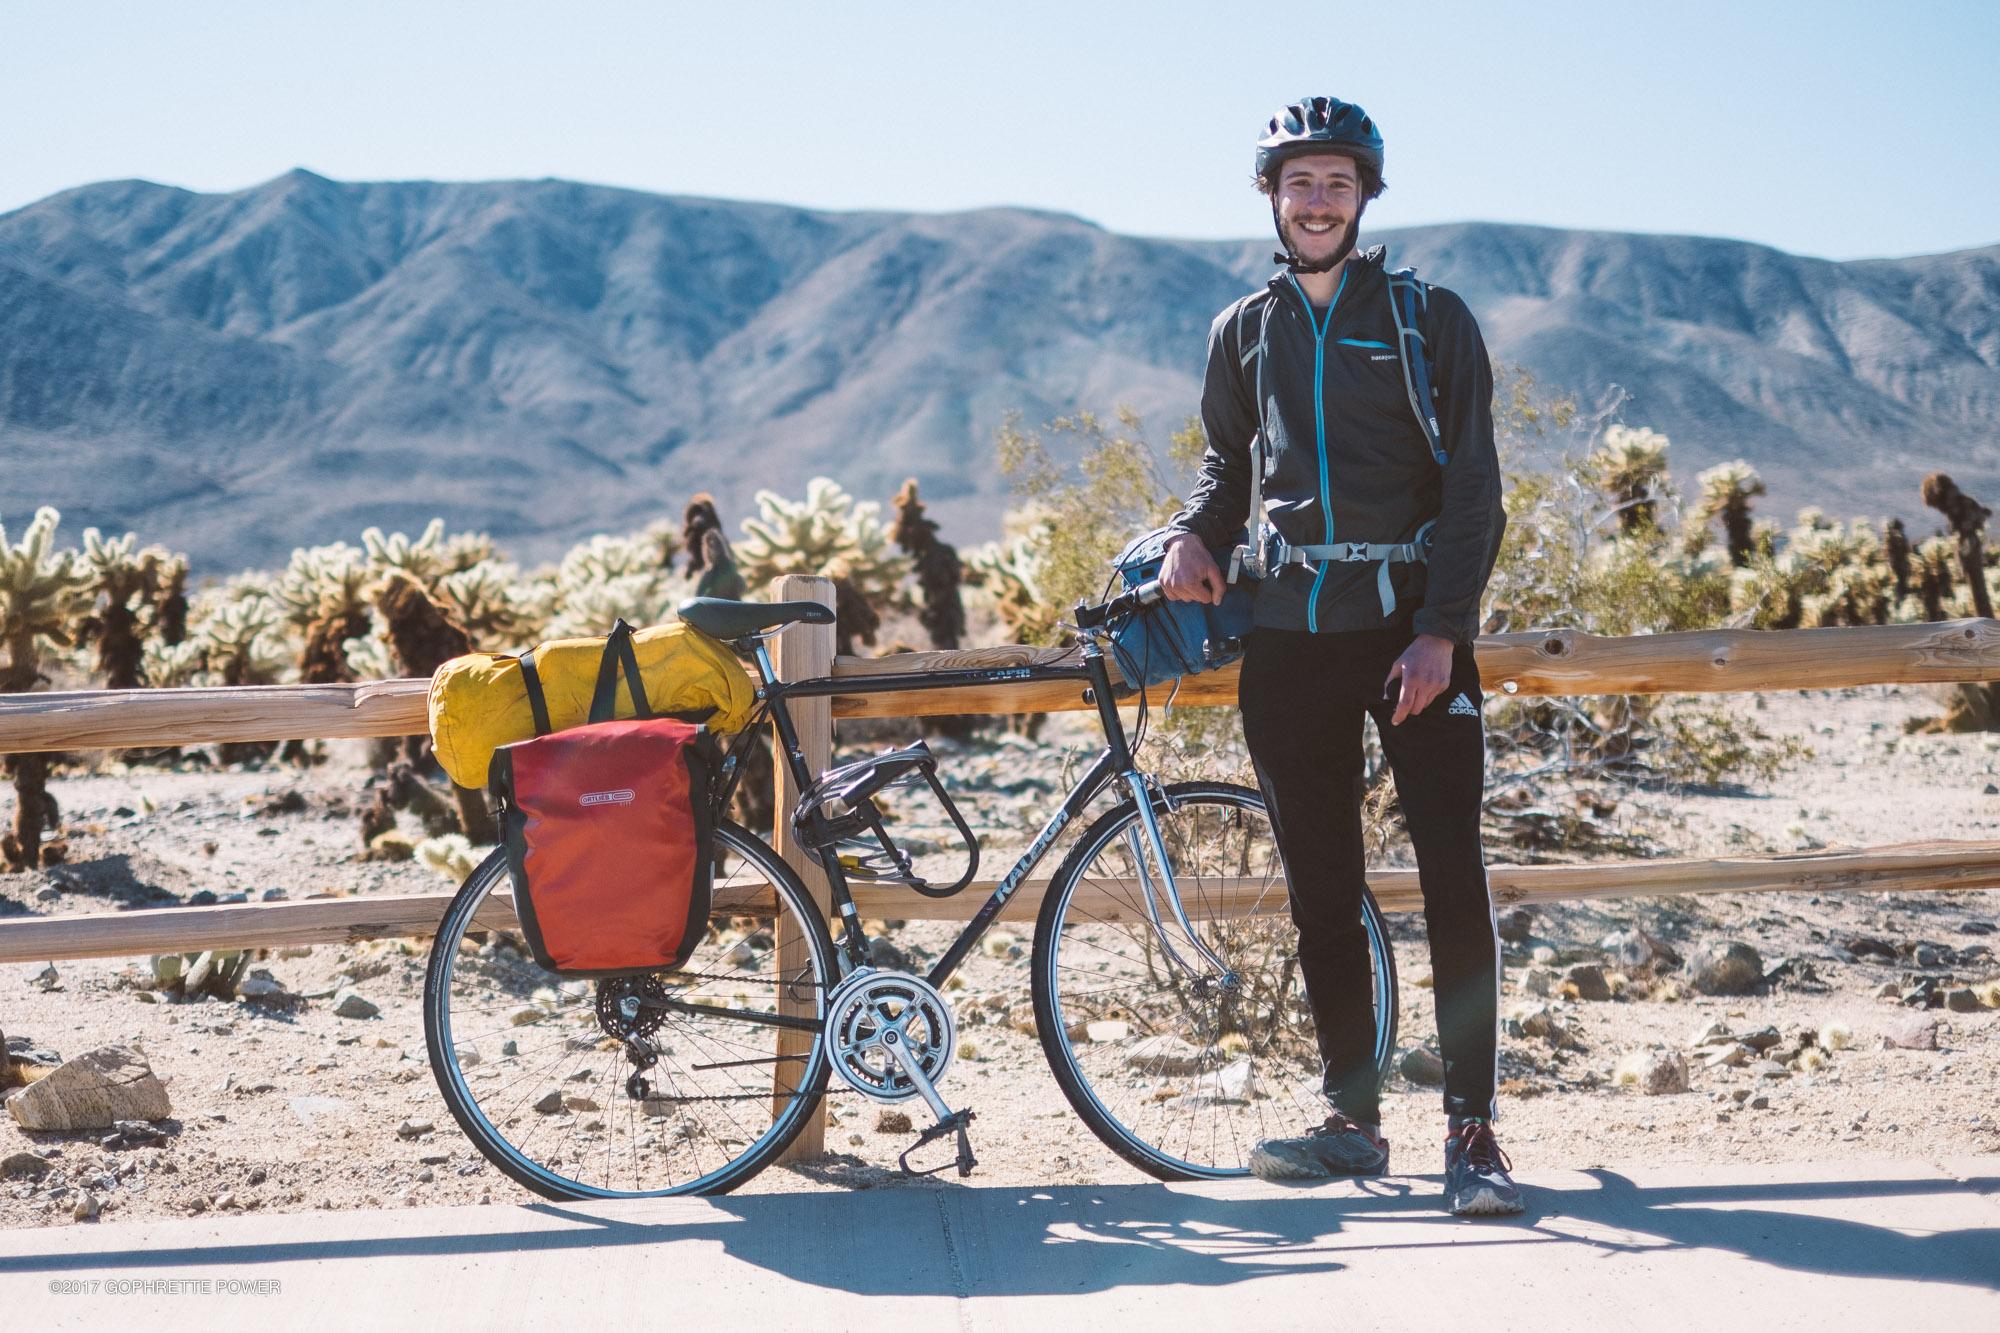 Scott Zimmer et son vélo sur le stationnement du Cholla Garden Cactus.